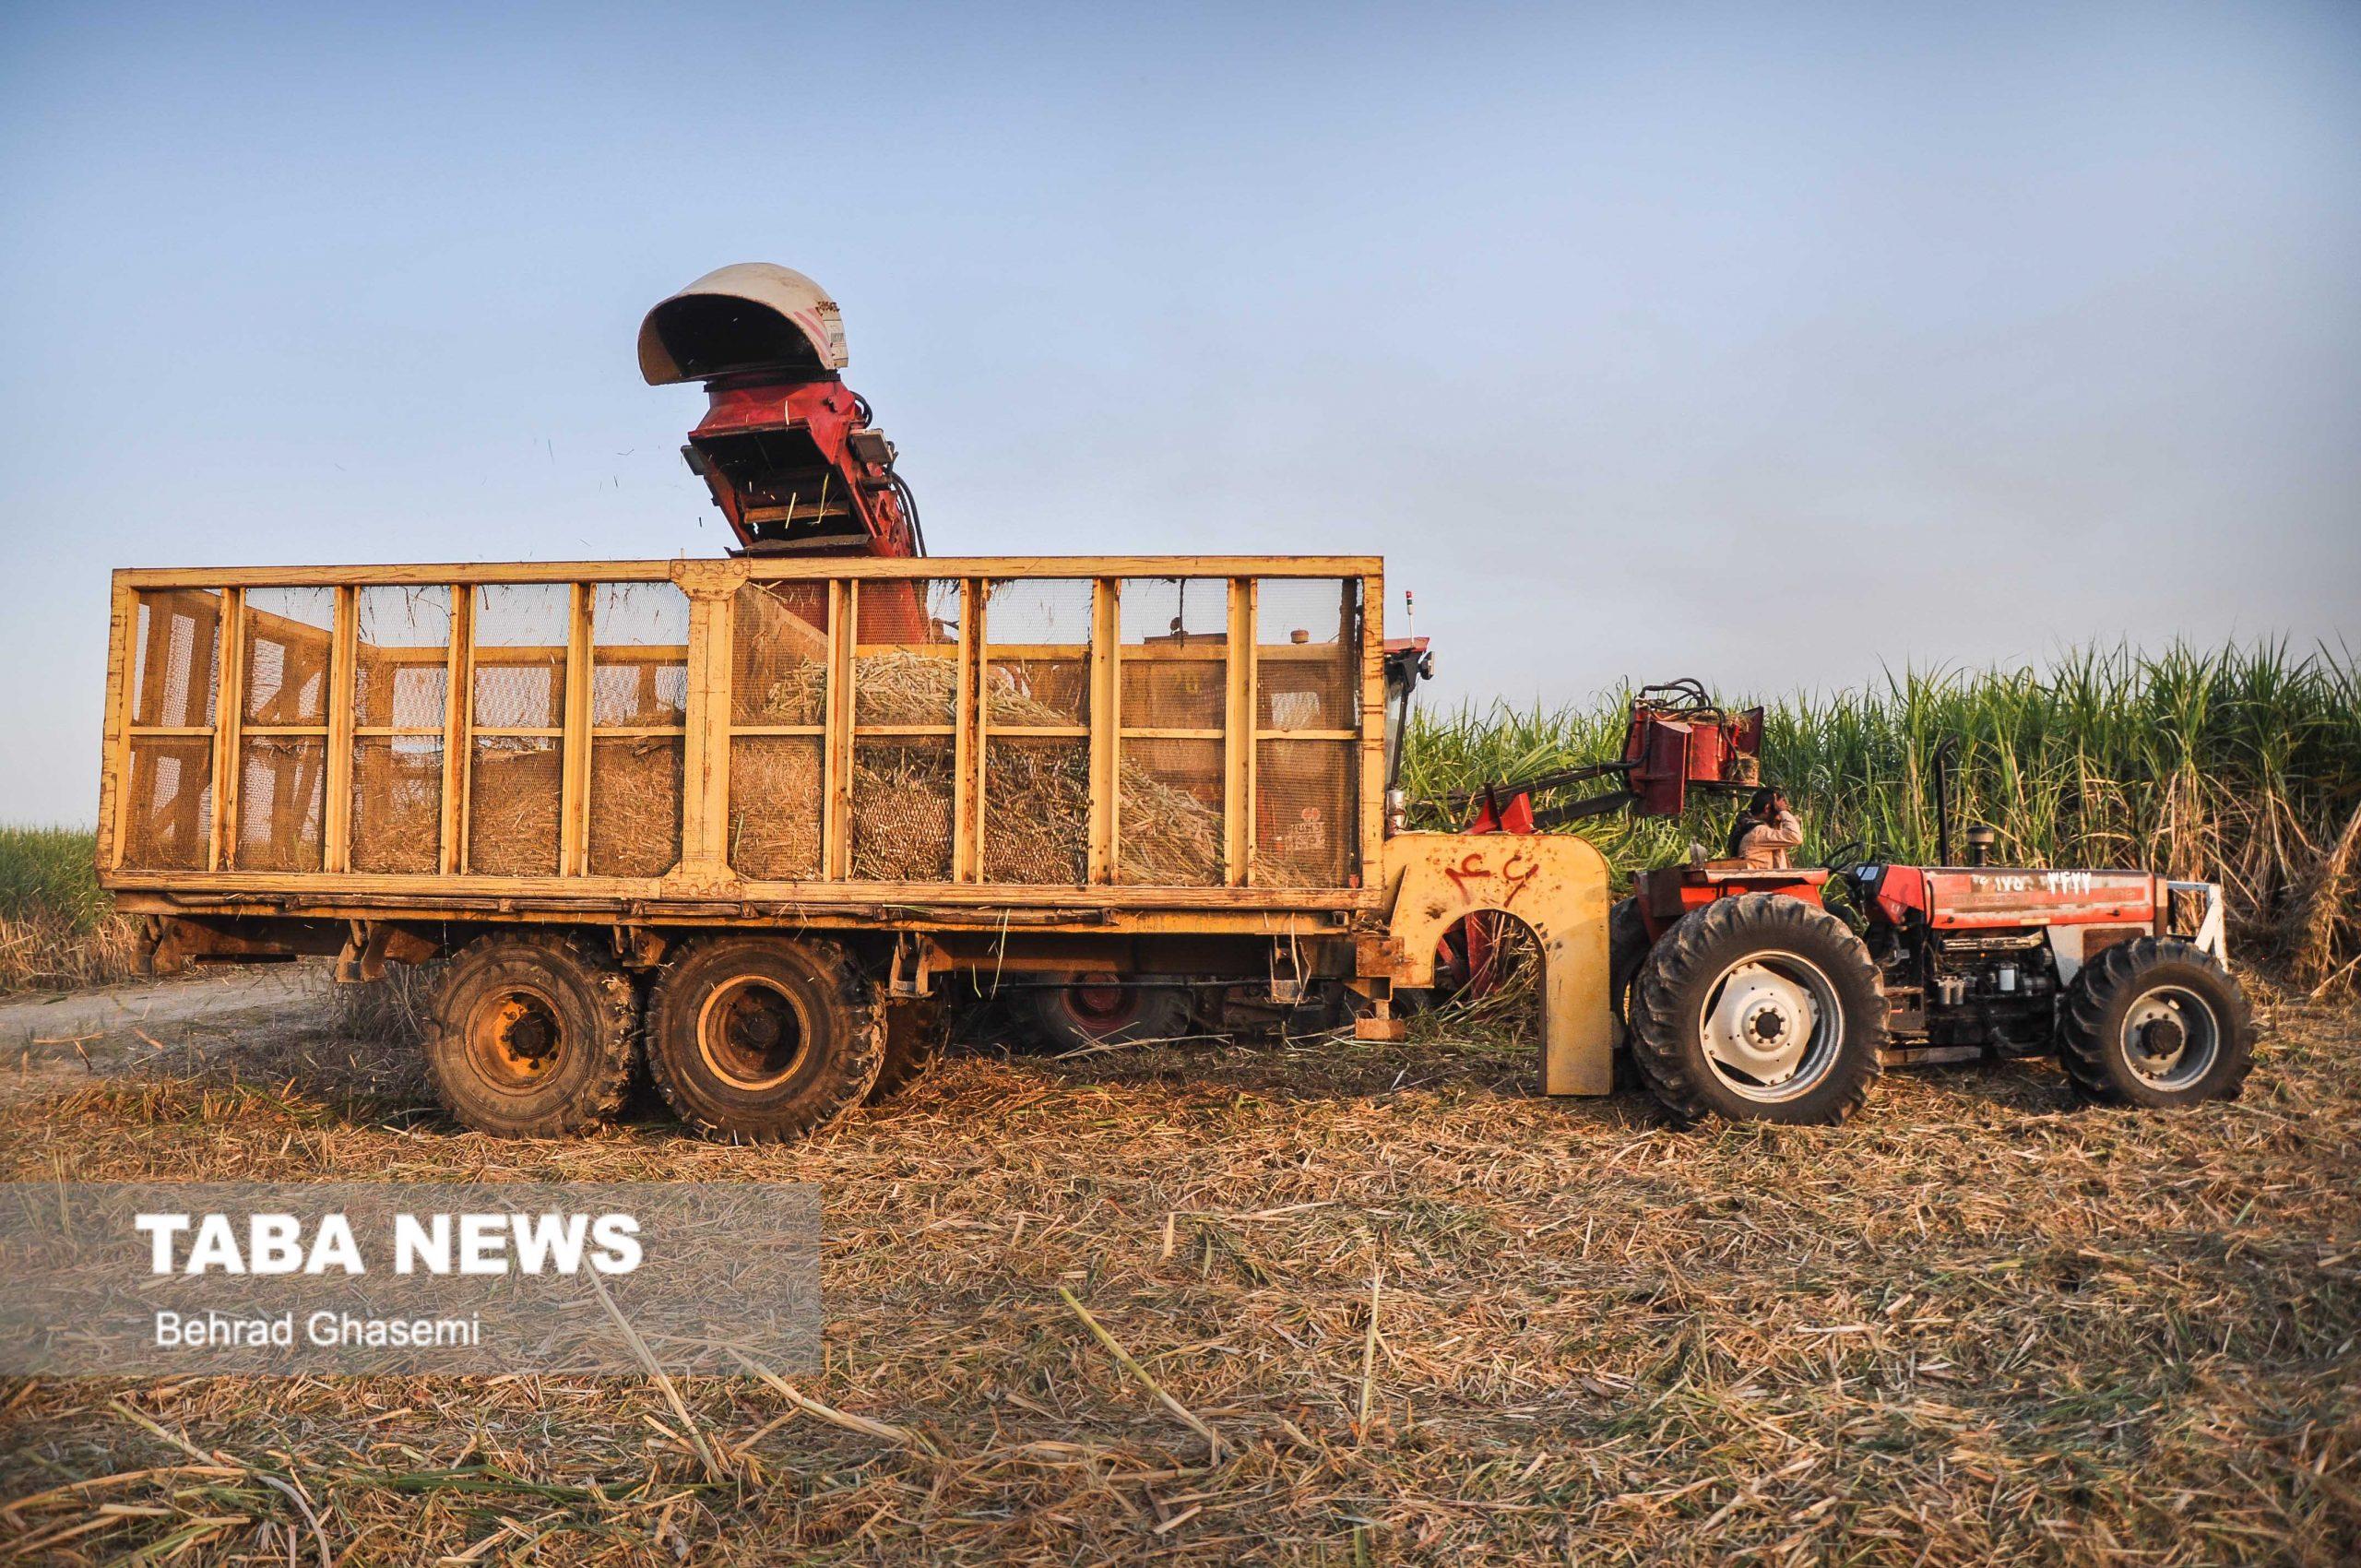 ضرورت تهیه برنامه زیست محیطی برای کاهش برداشت سیاه از مزارع نیشکر استان